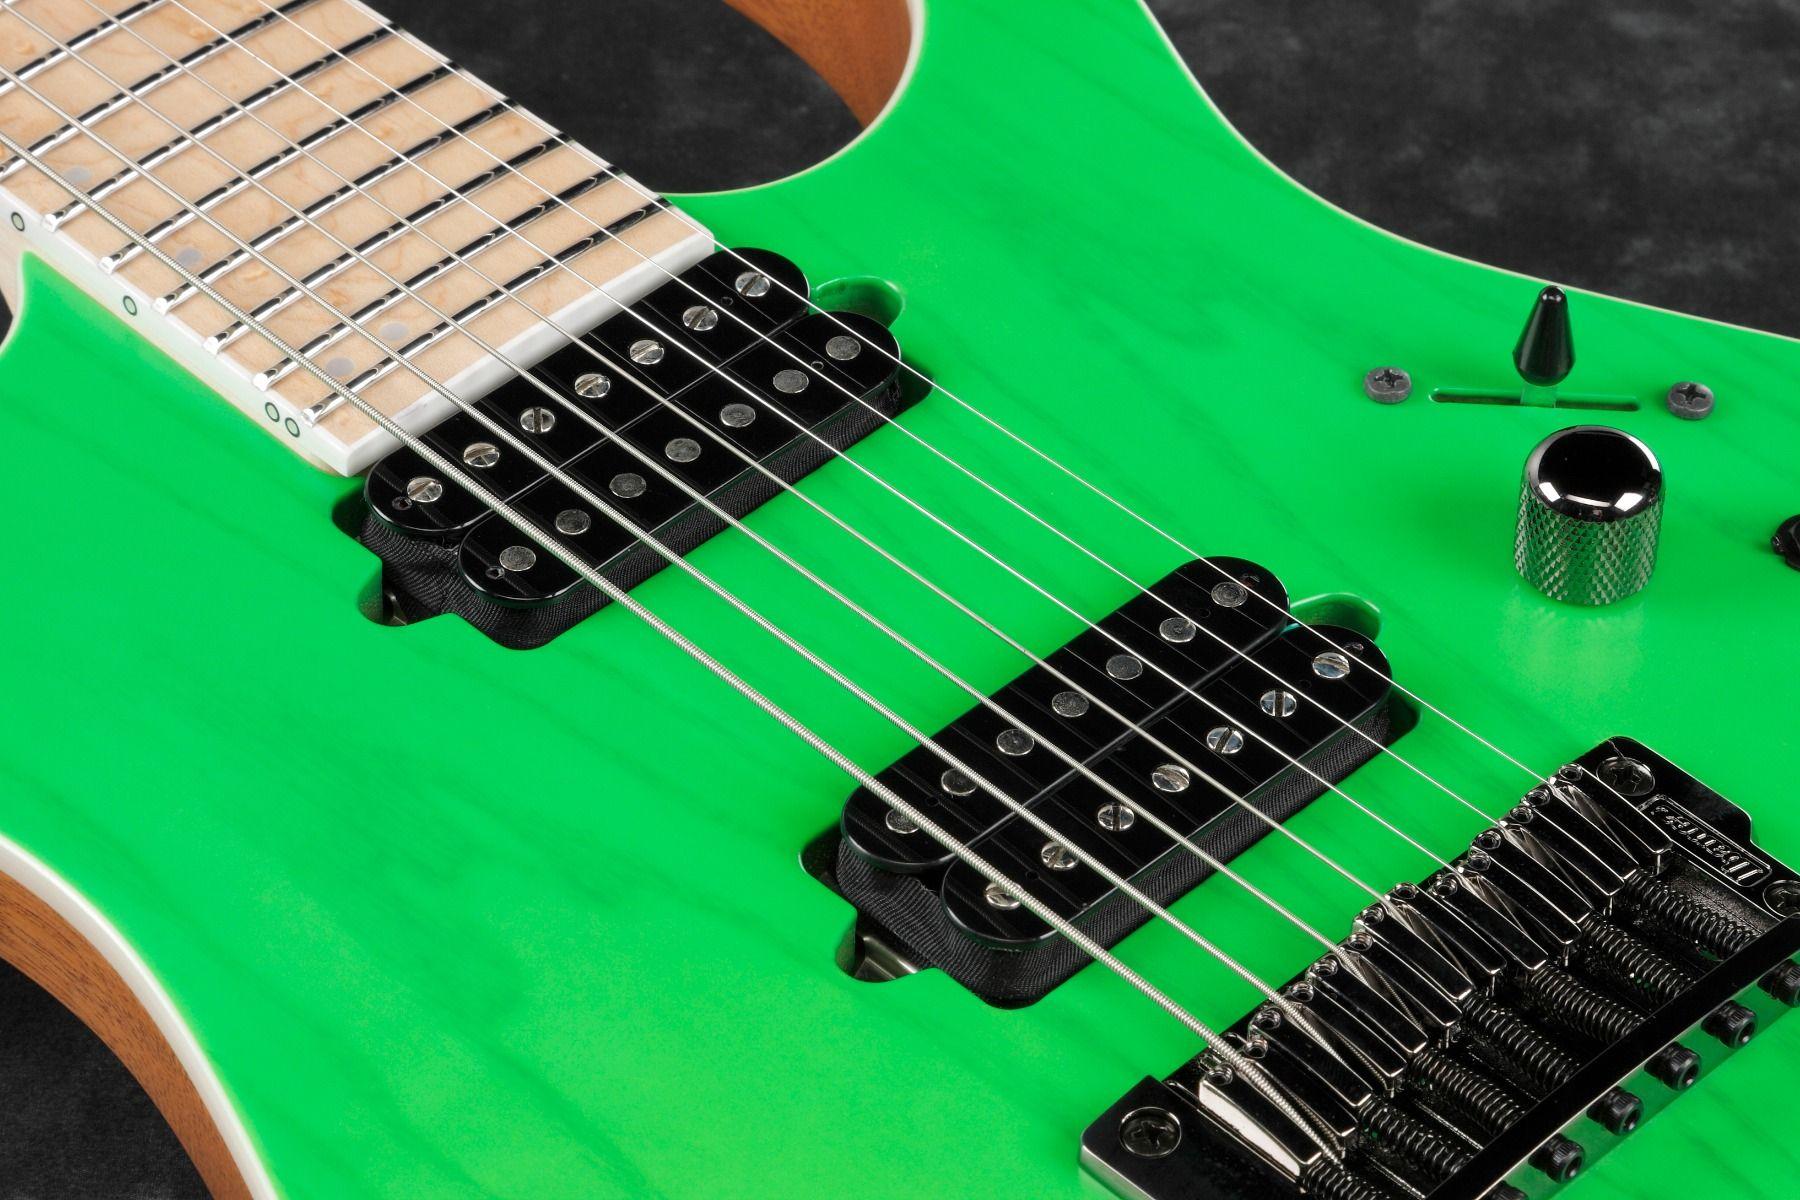 Ibanez Rgr5227mfx Tfg Rg Prestige 7 String Transparent Fluorescent Gre